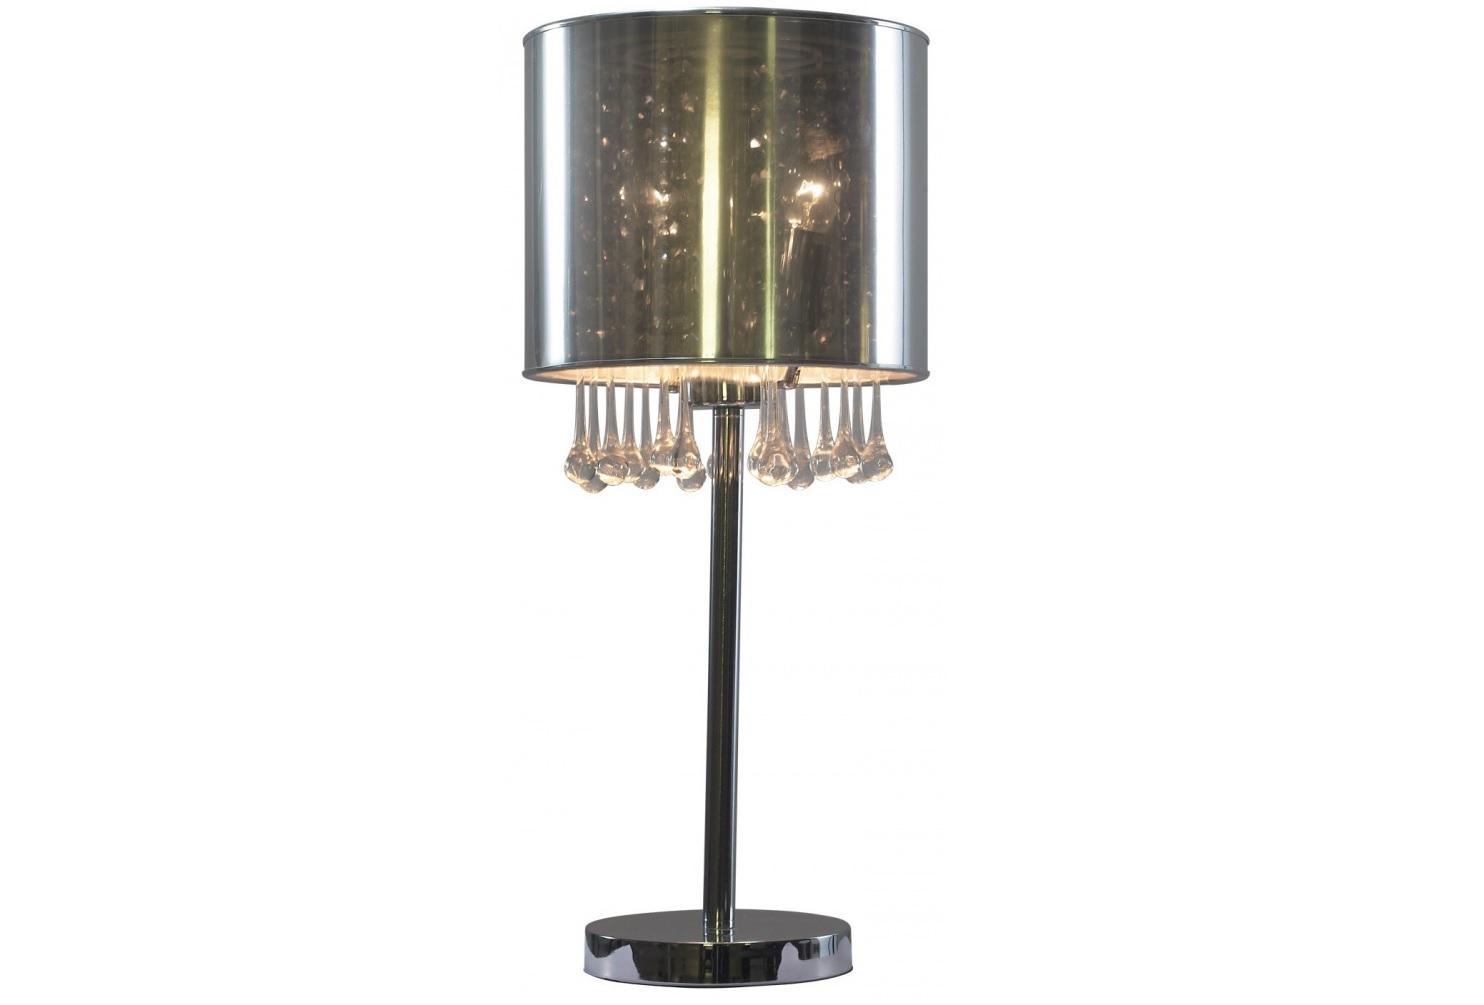 Настольная лампа AmberДекоративные лампы<br>&amp;lt;div&amp;gt;Вид цоколя: E14&amp;lt;/div&amp;gt;&amp;lt;div&amp;gt;Мощность лампы: 40W&amp;lt;/div&amp;gt;&amp;lt;div&amp;gt;Количество ламп: 2&amp;lt;/div&amp;gt;<br><br>Material: Металл<br>Height см: 77<br>Diameter см: 25